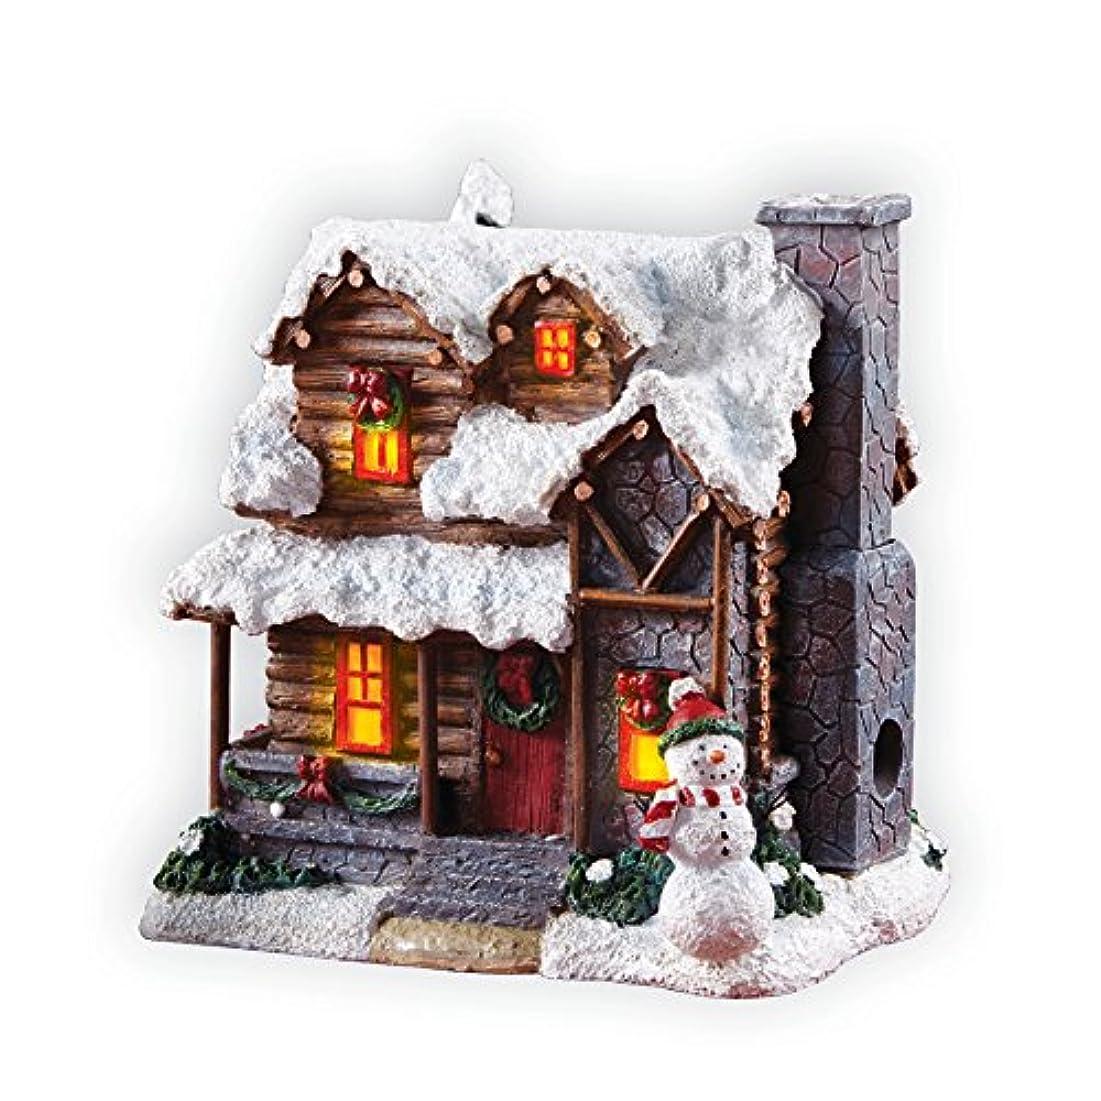 称賛ショートカット車Smoking Country Christmas Village Cabin Incense House